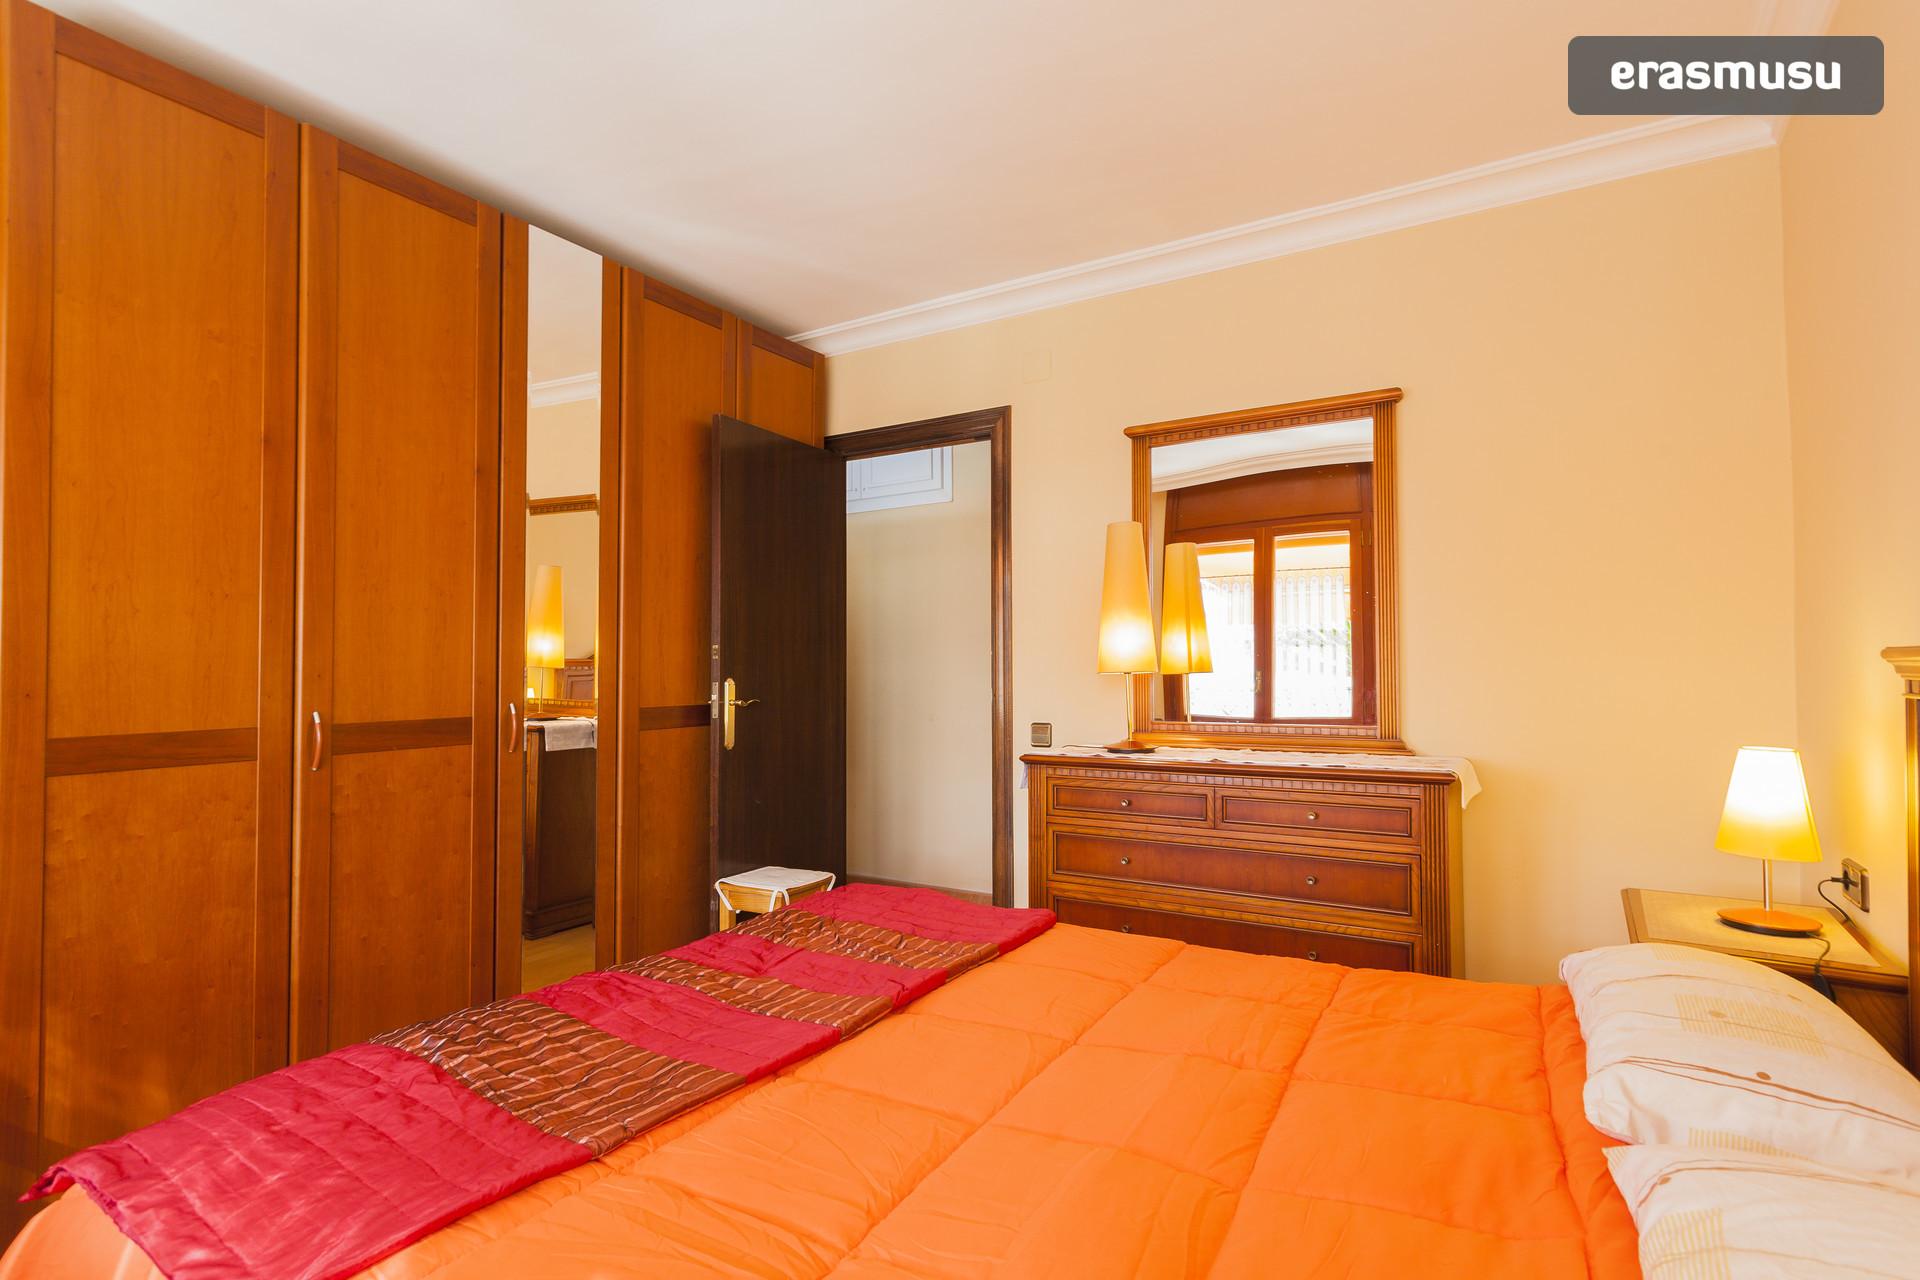 dormitorio-individual-zona-sagrega-a3f31